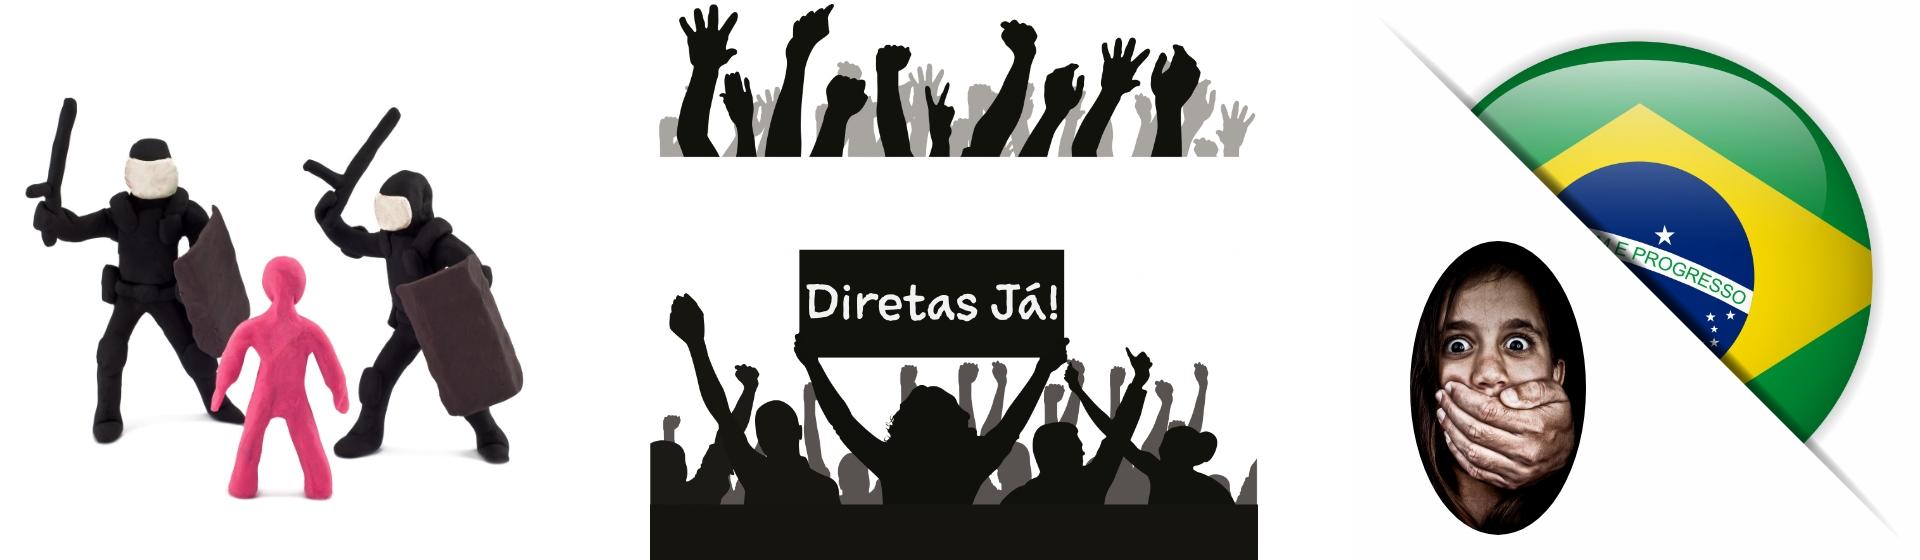 Ditadura militar banner 2